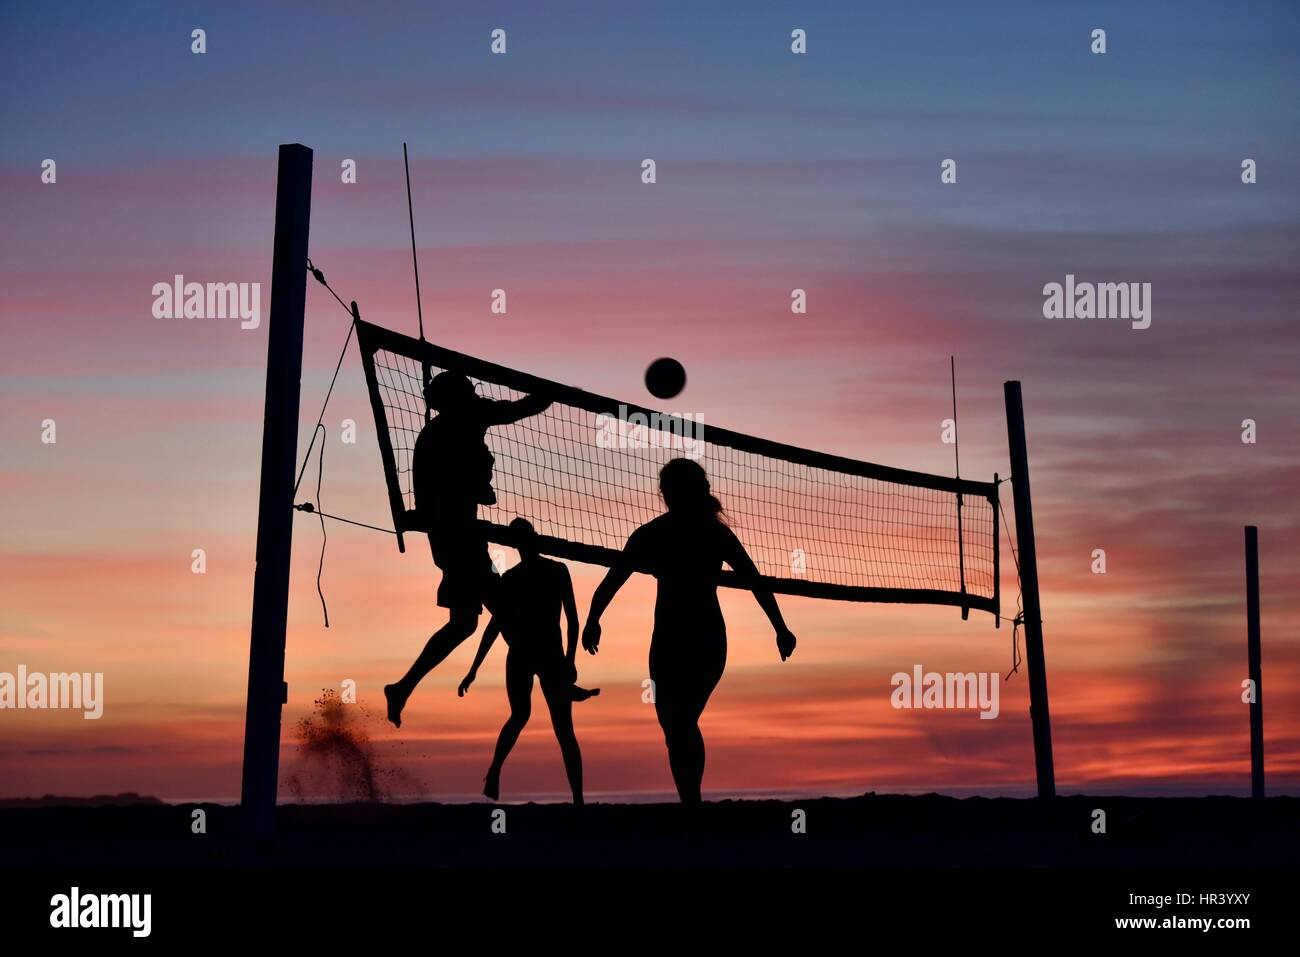 Sagome di pallavolo femminile giocatori praticare pallavolo sulla spiaggia al tramonto in Mission Beach, San Diego, Immagini Stock